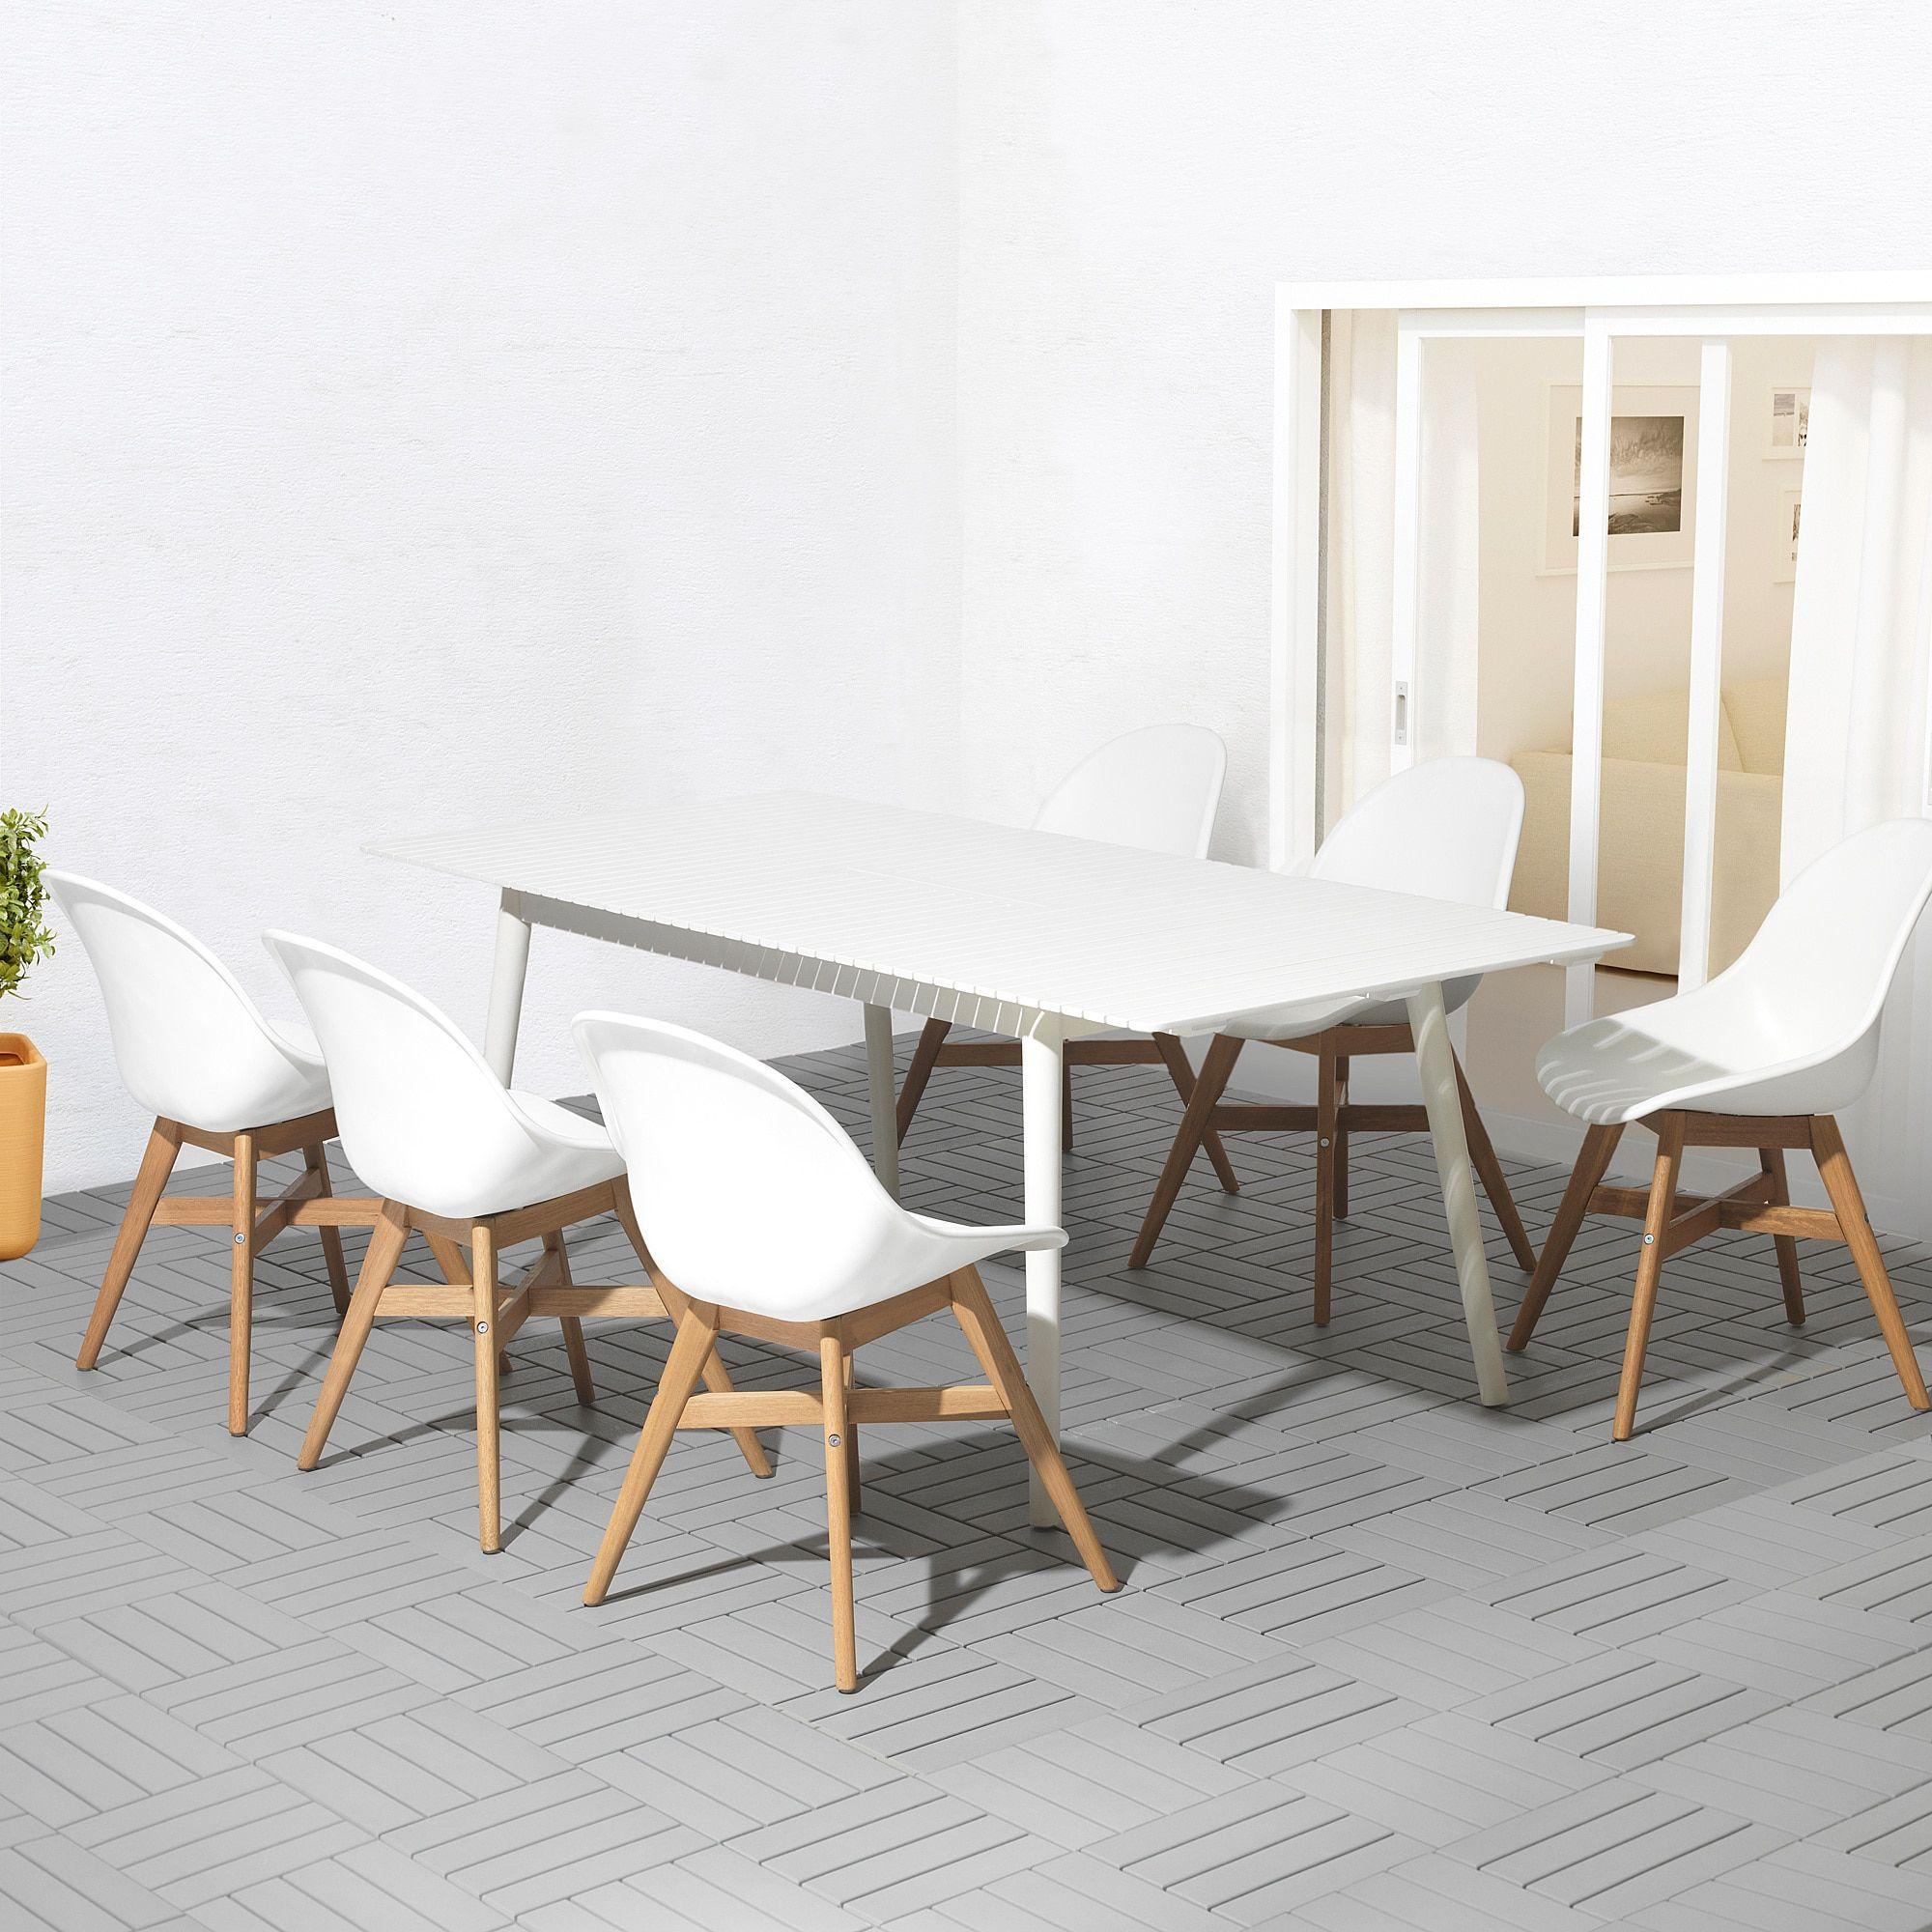 Hattholmen Fanbyn Tisch 4 Stuhle Aussen Weiss Weiss Ikea Osterreich Tisch Esstisch Ausziehbar Ikea